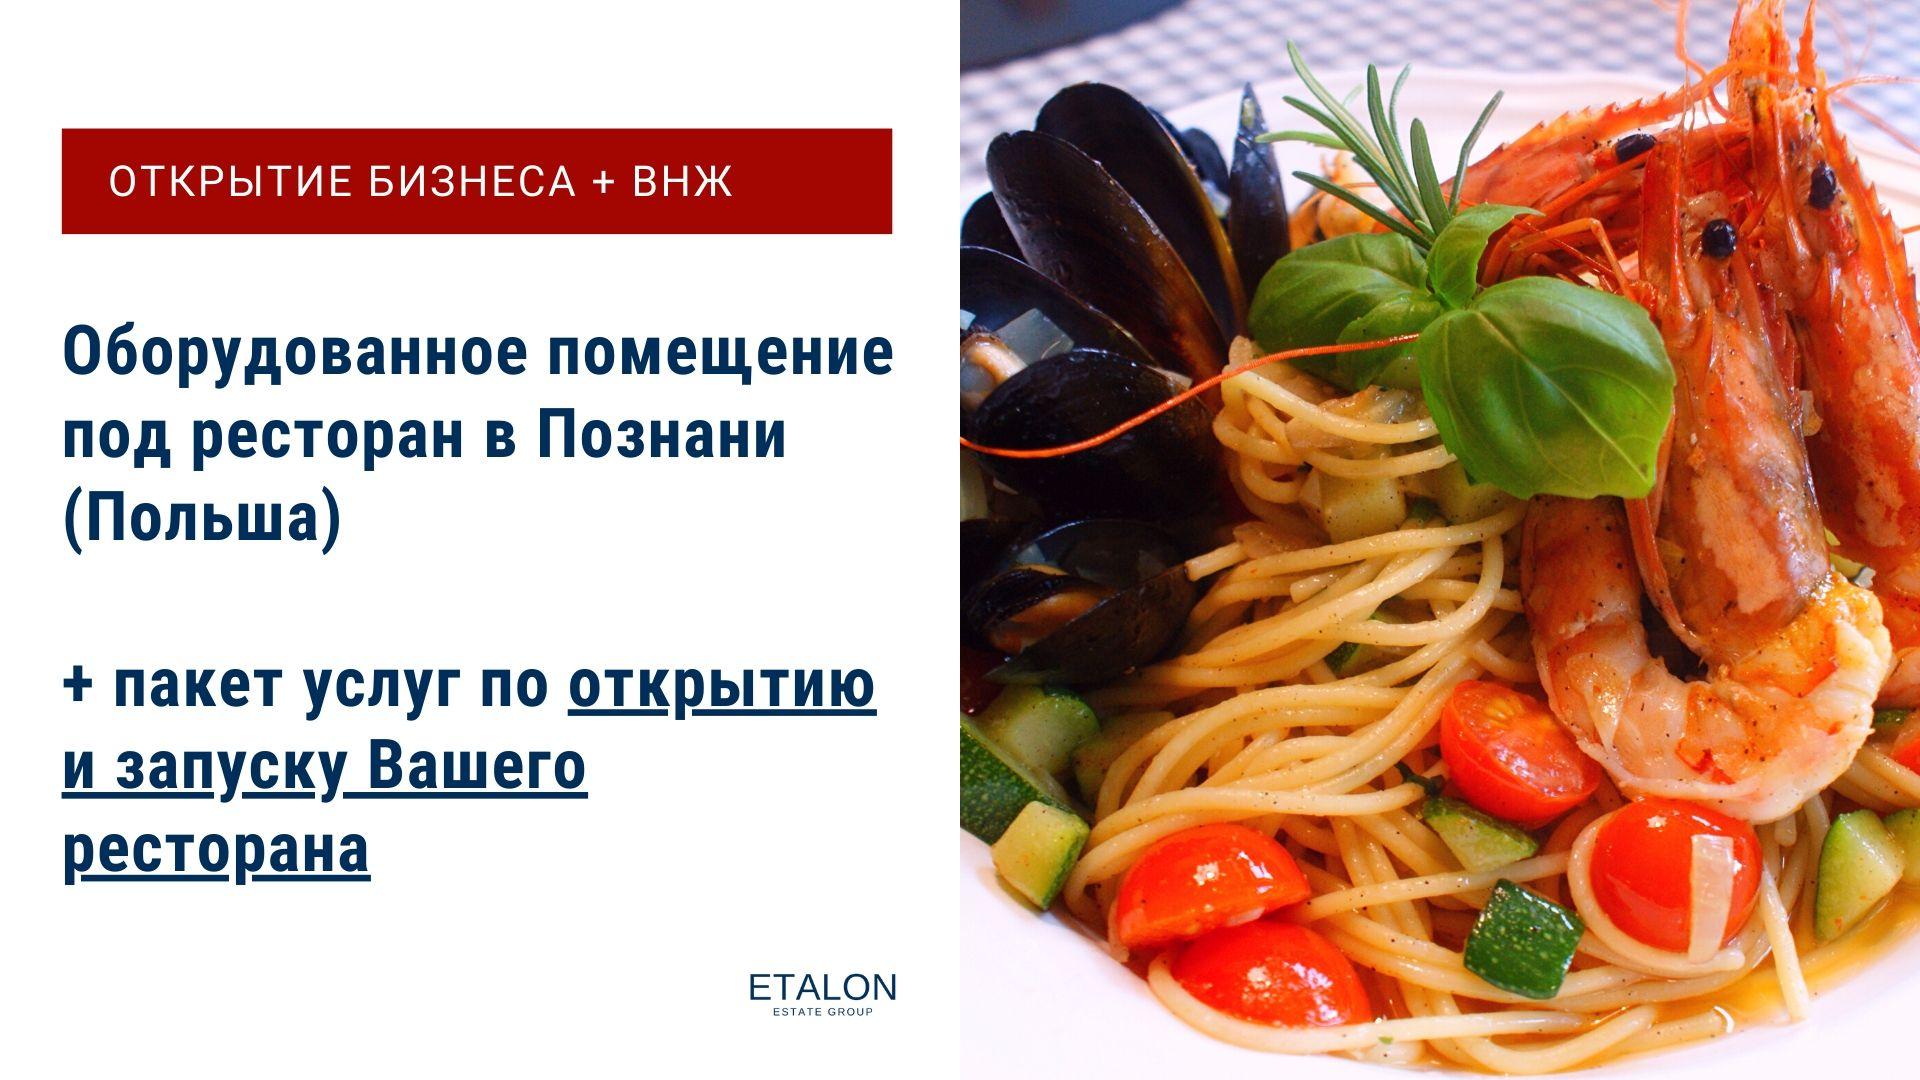 Ресторан в Польше